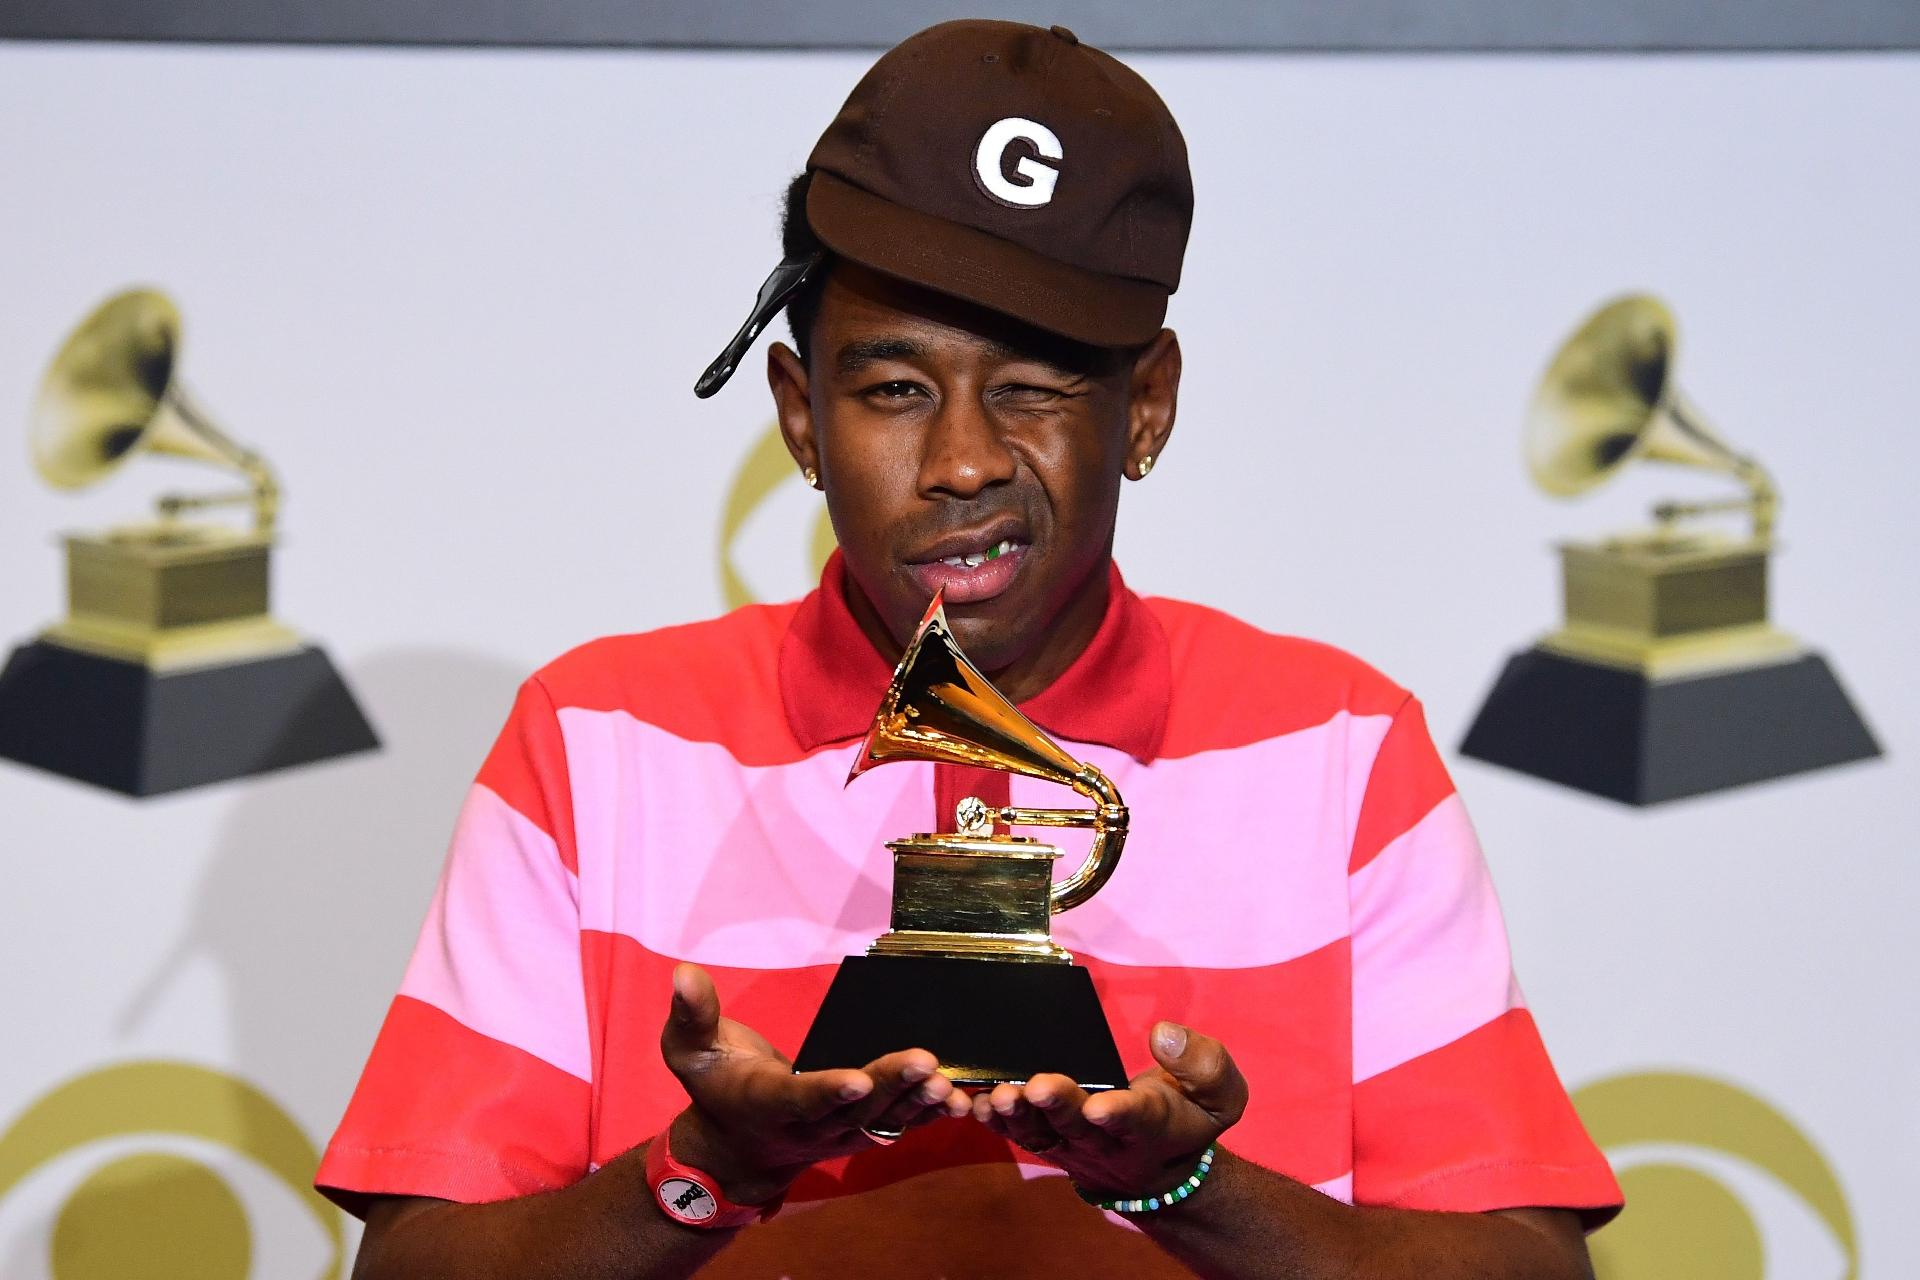 GTA 5 foi lançado em 2013, agora foi descoberto que o rapper, Tyler, The Creator dublou diversos NPCs no jogo da Rockstar Games.